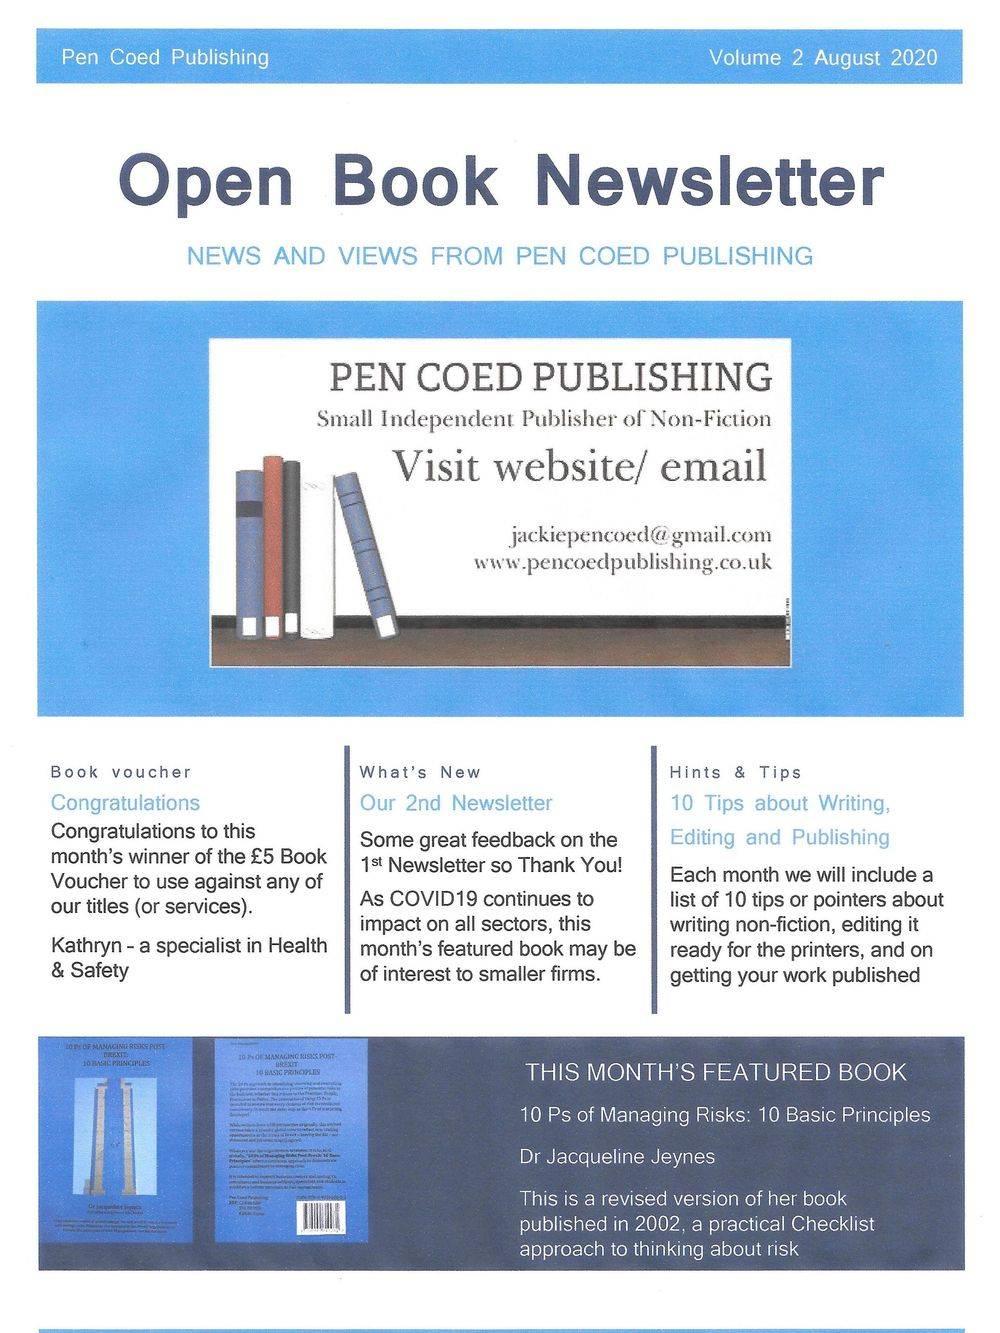 newsletter 2, Open Book newsletter